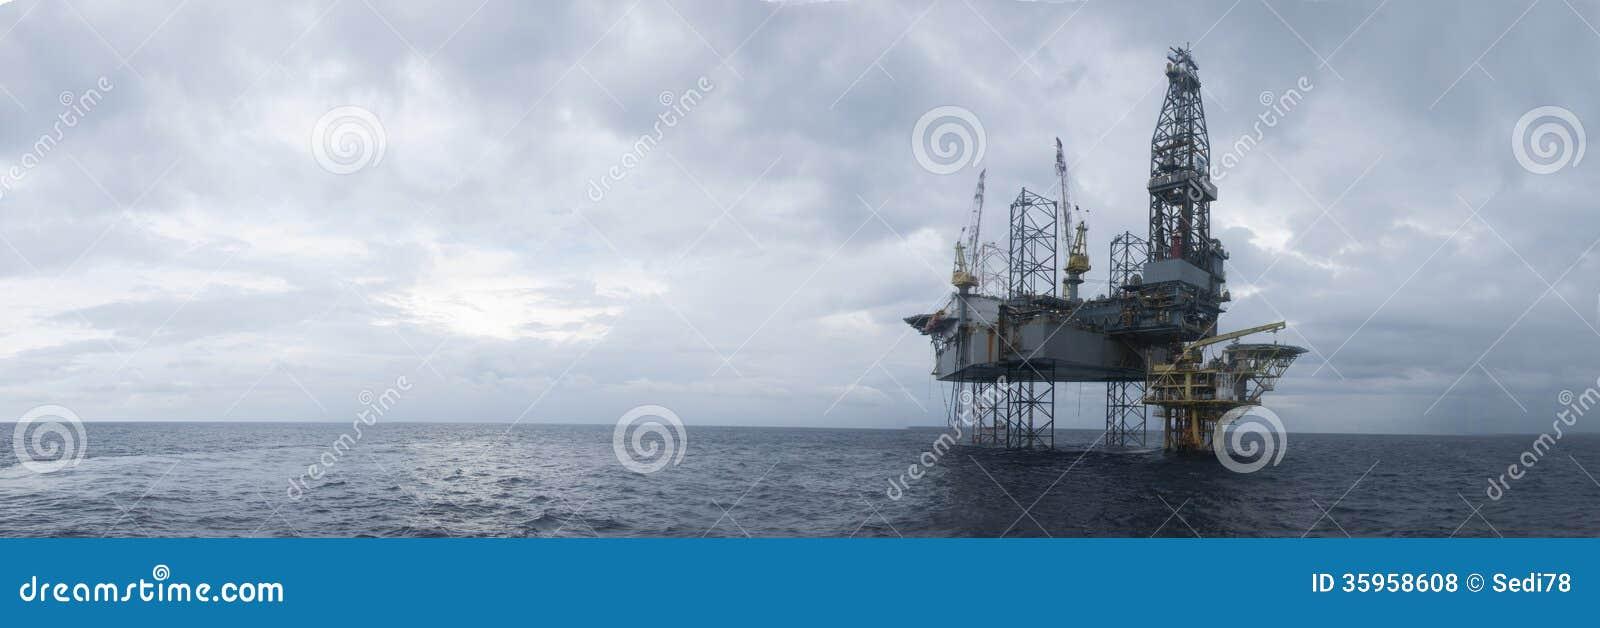 在油和煤气上面的近海杰克凿岩机